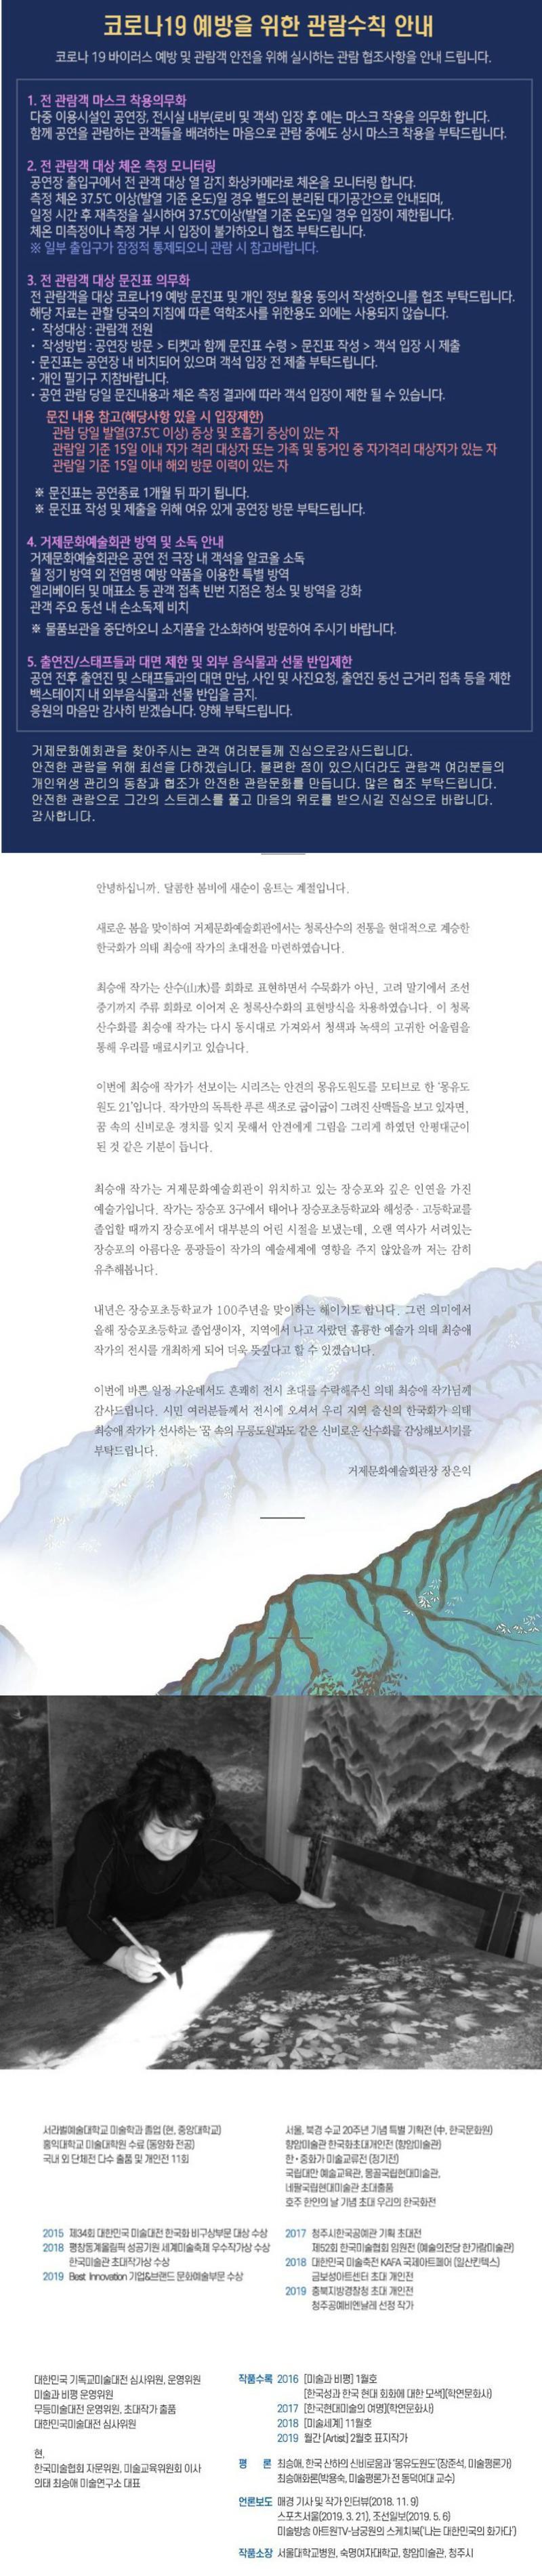 의태 최승애 초대전: 몽유도원도21 상세보기